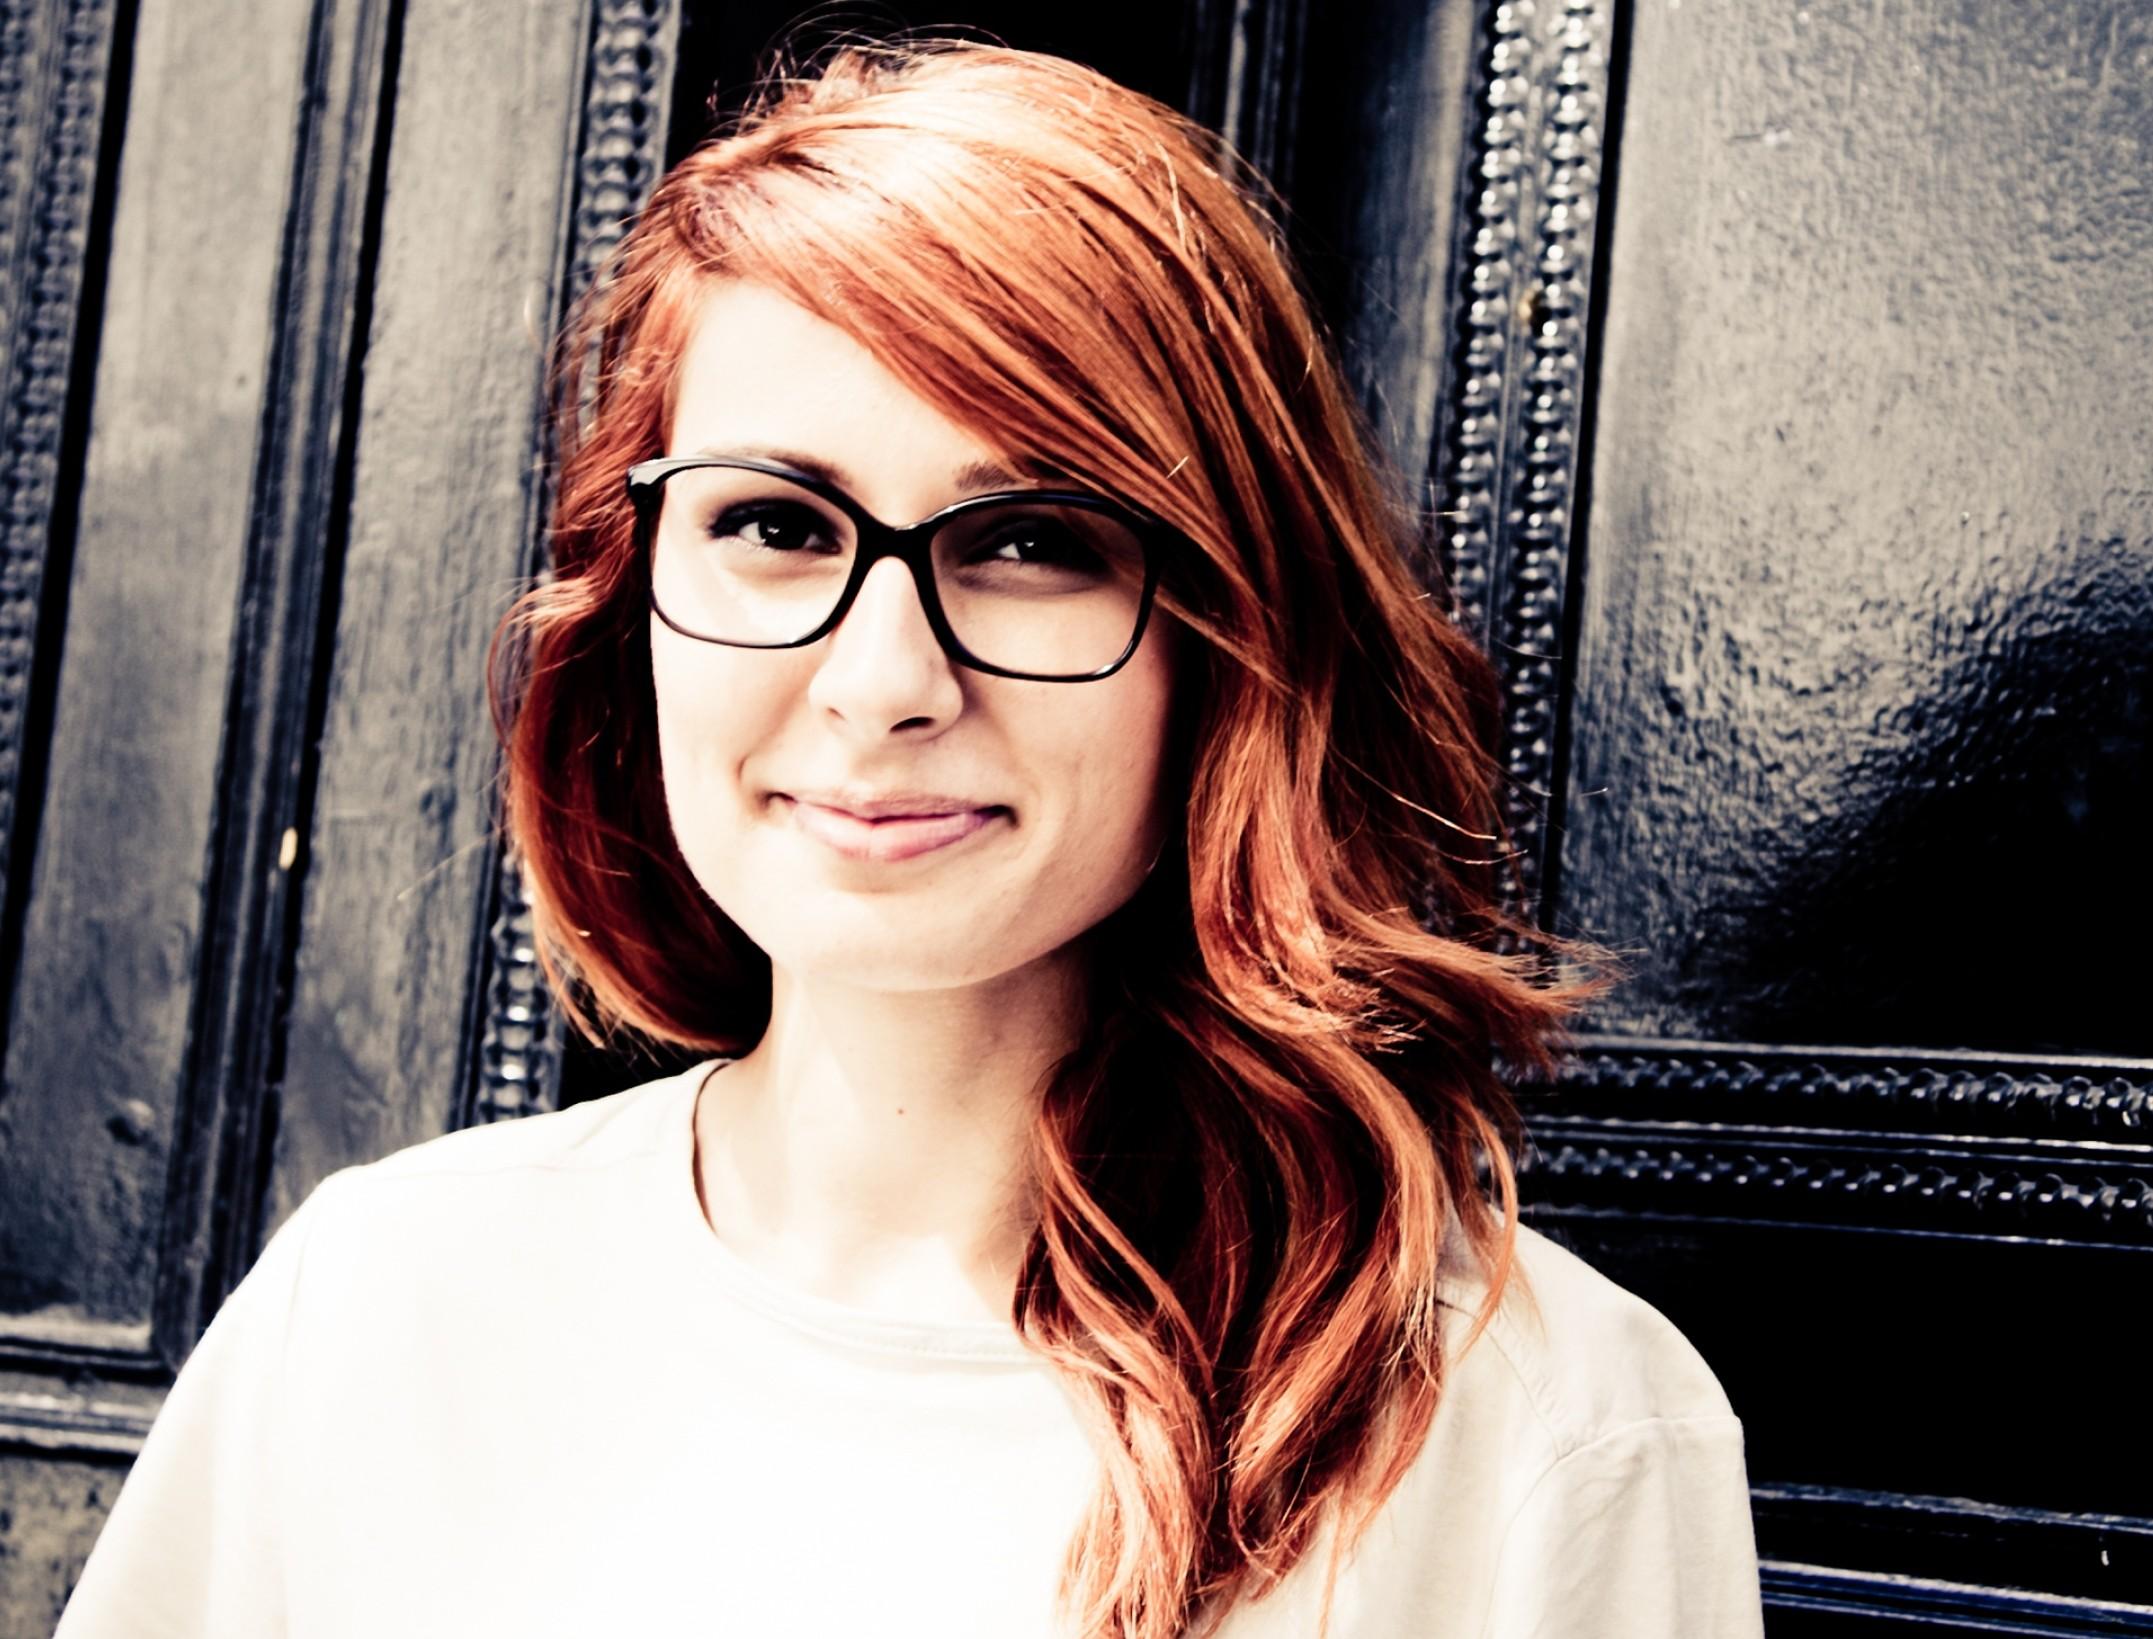 Farbkontraste und Brillen: So fallen Sie positiv auf | Brillenstyling